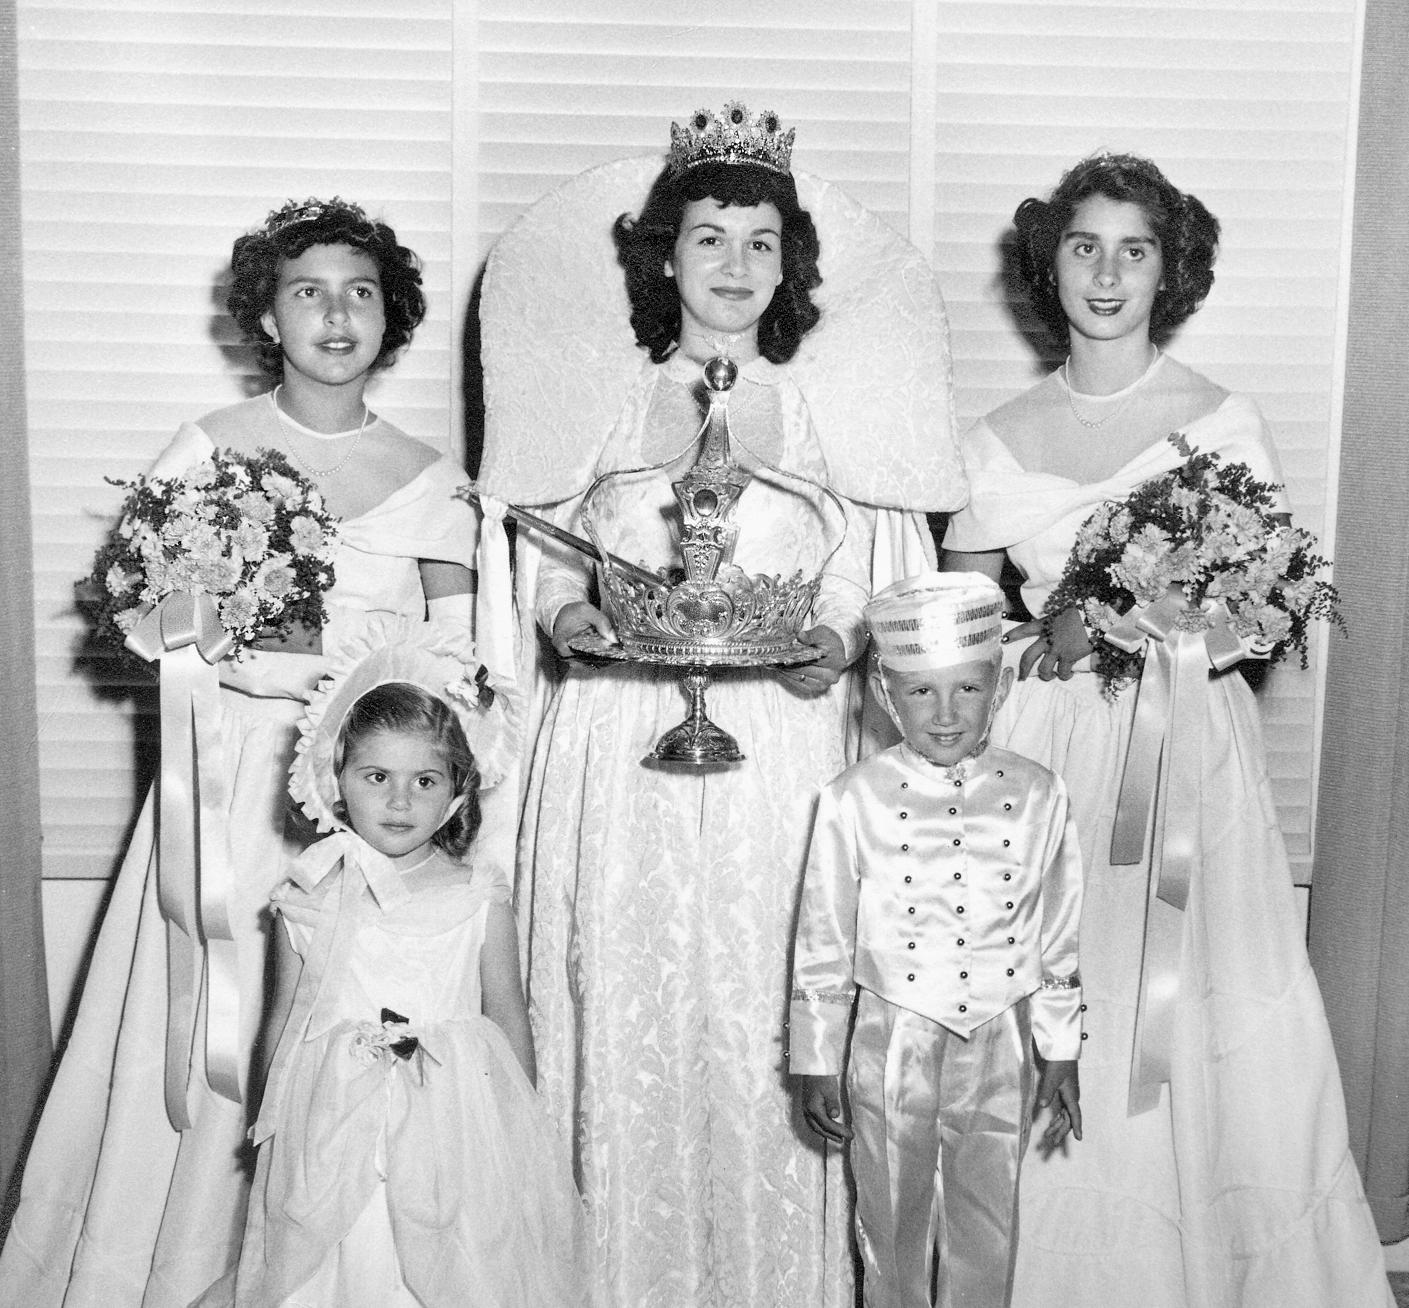 1949 Festival Queen   - Antoinette Pimentel-Cordeniz   Sidemaids - Margaret Nunes-Dahl & Arlene Silva-Abbott